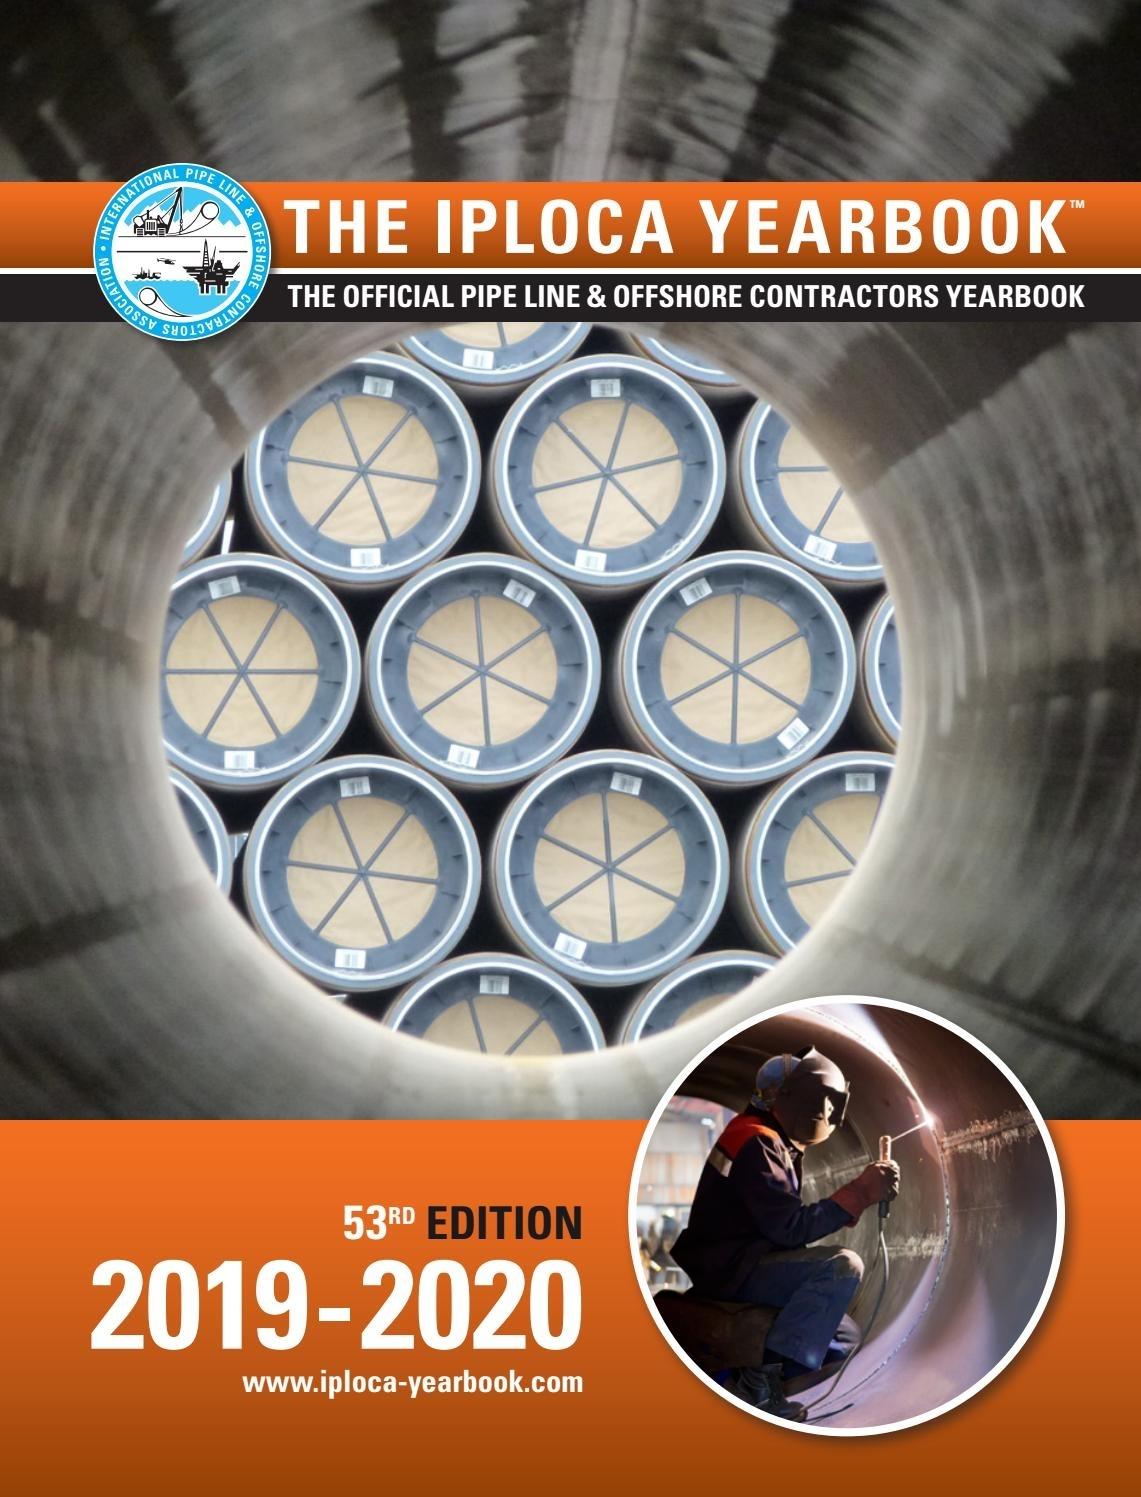 Iploca Yearbook 2019-2020 By Pedemex Bv - Issuu